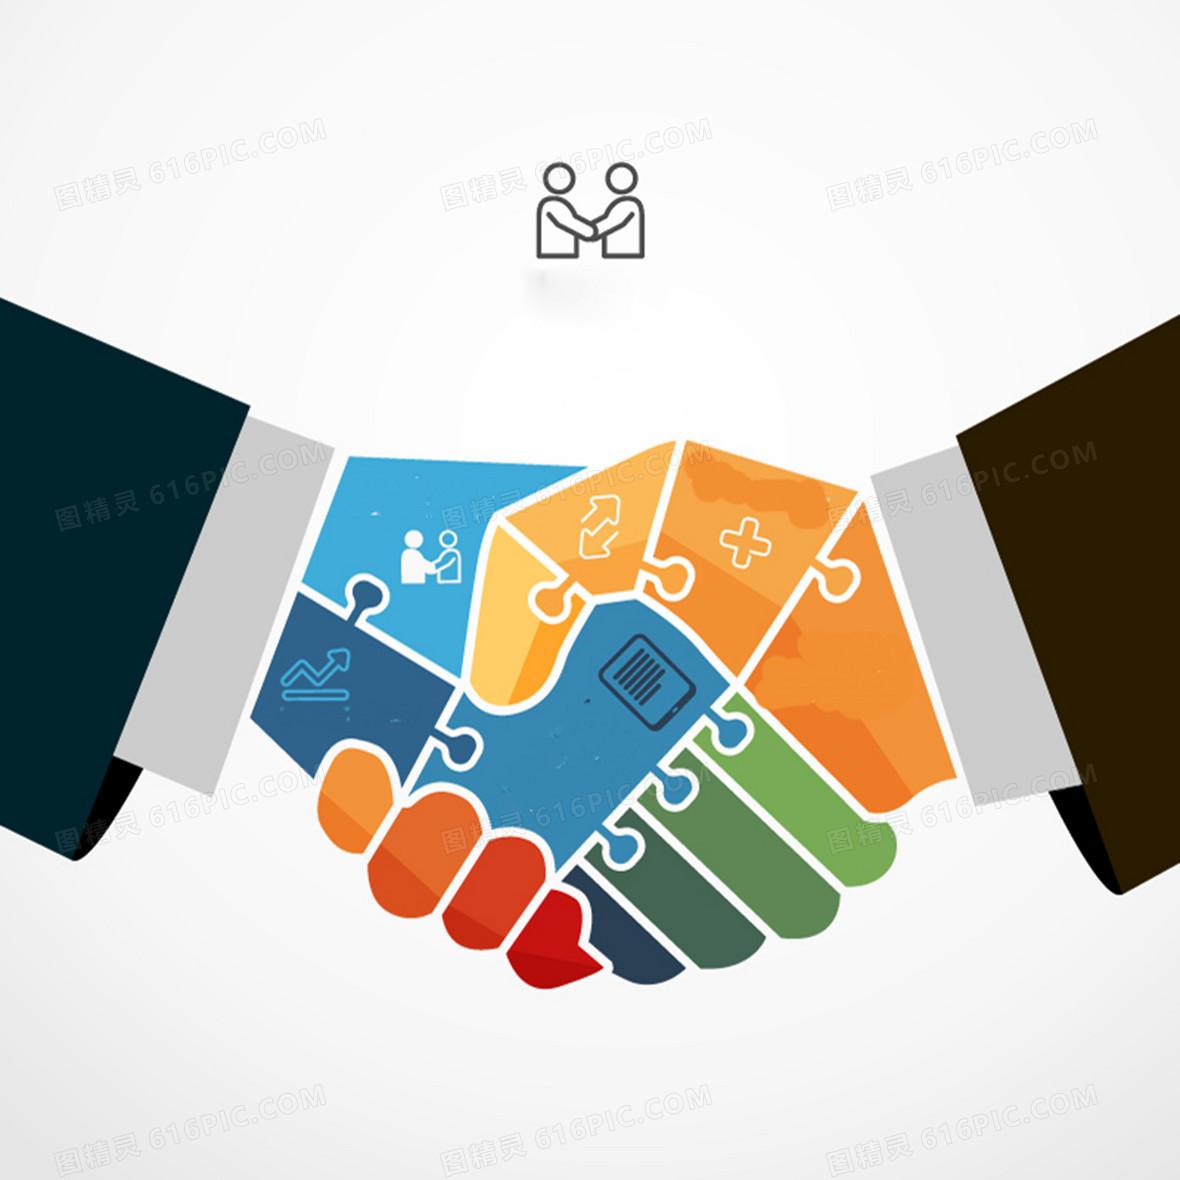 商务团队合作信息图矢量背景素材